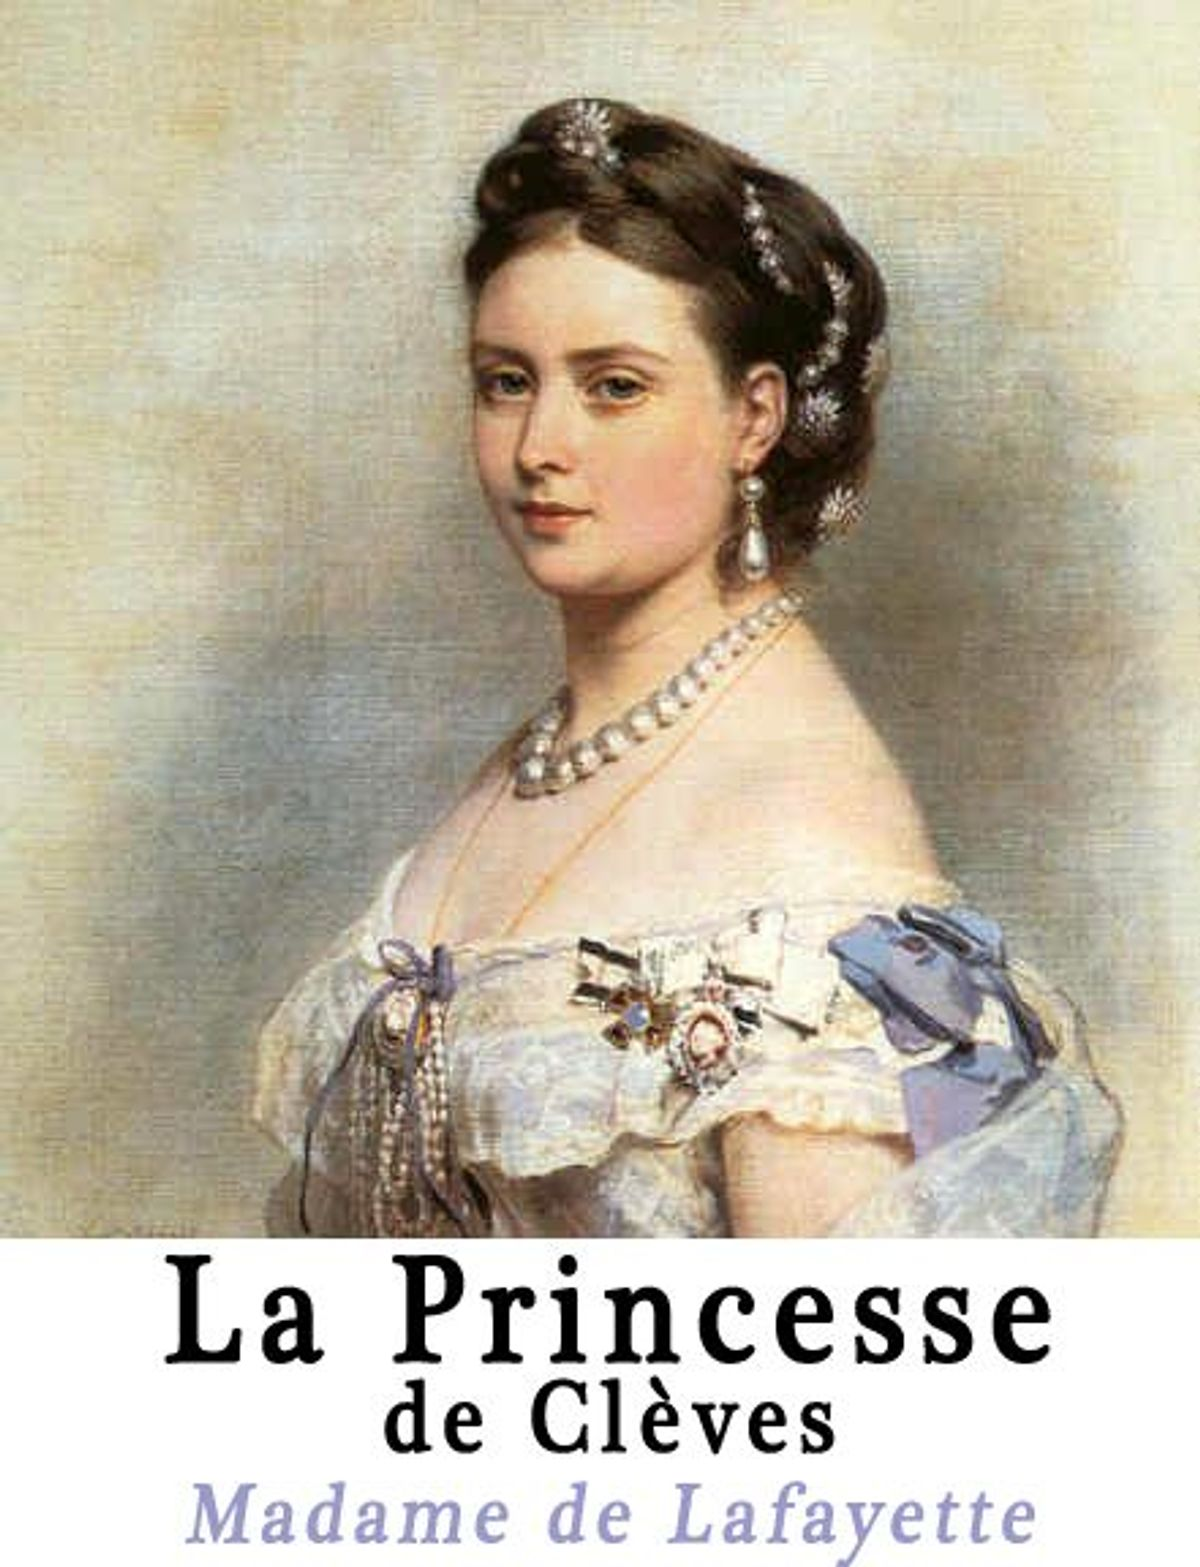 La Princesse de Cleves - Madame de la Fayette